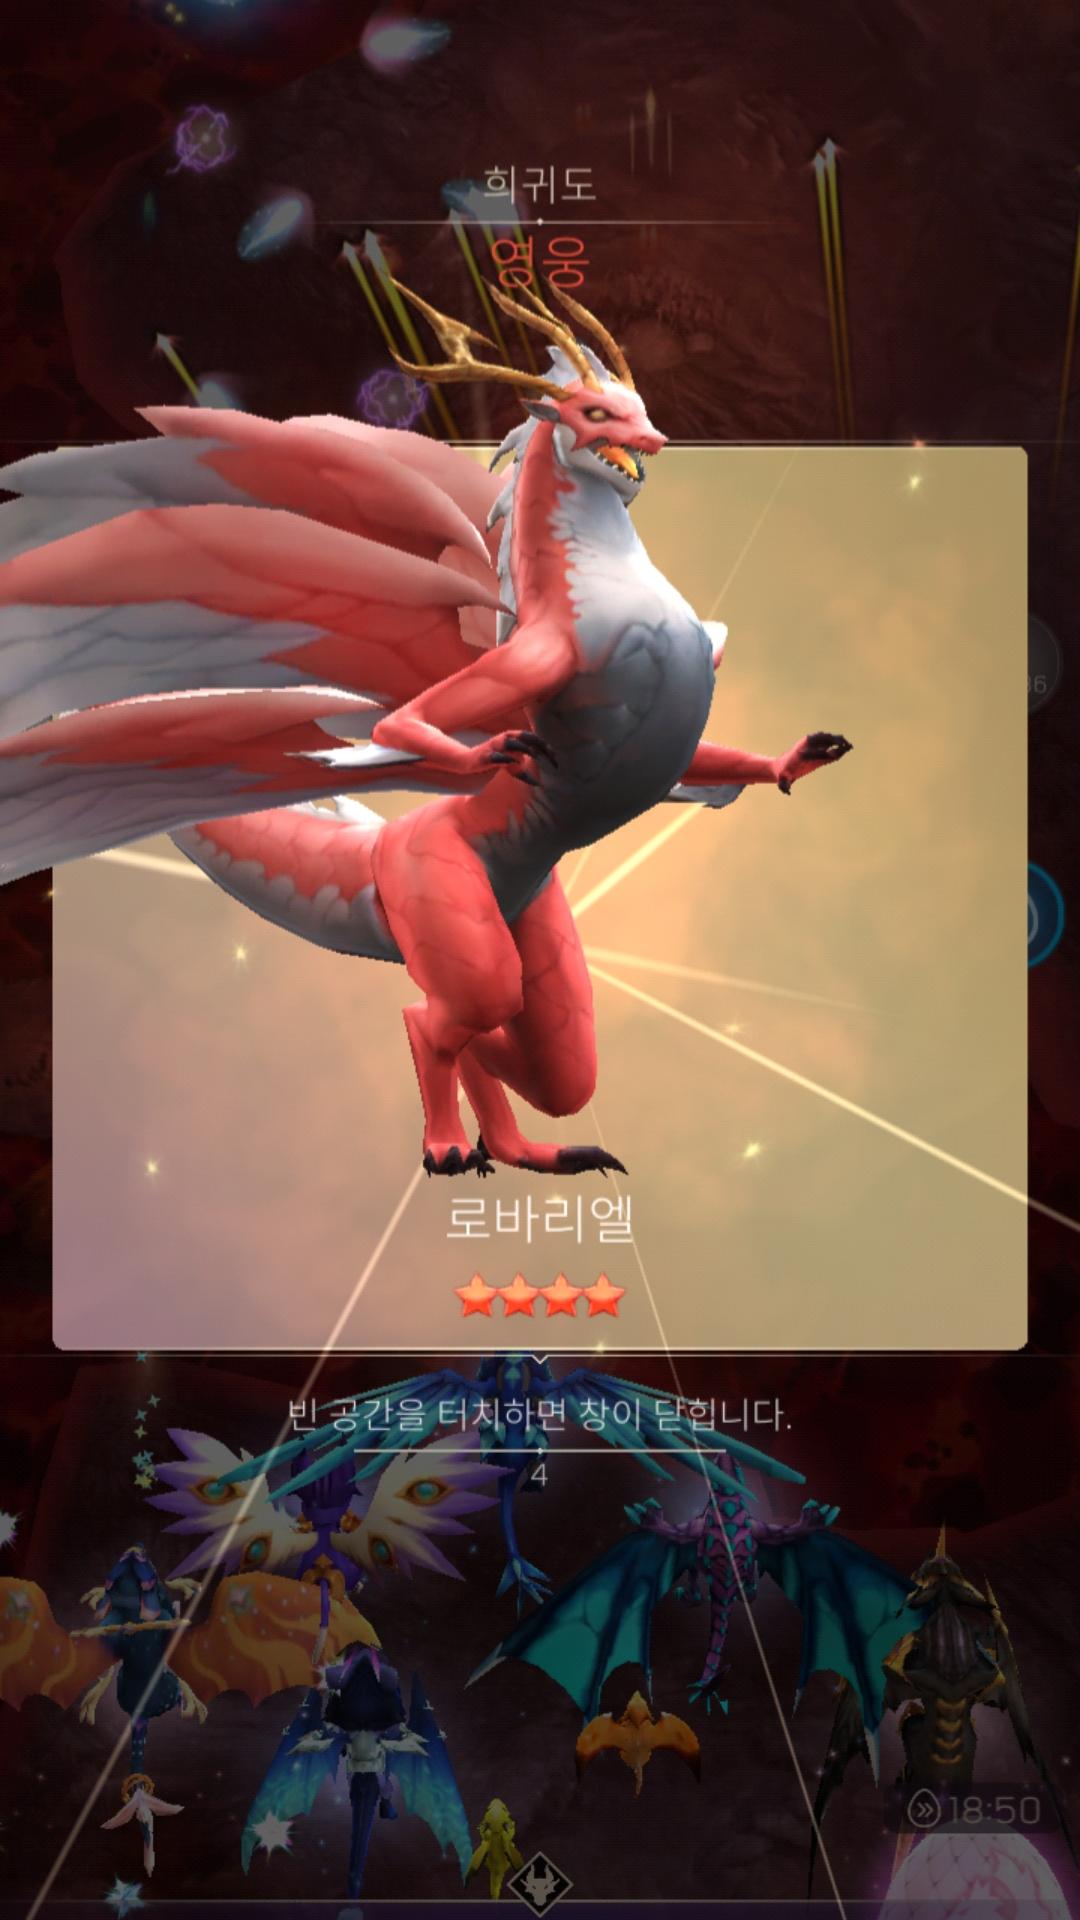 08.22 12일차 오늘의 드래곤 스카이